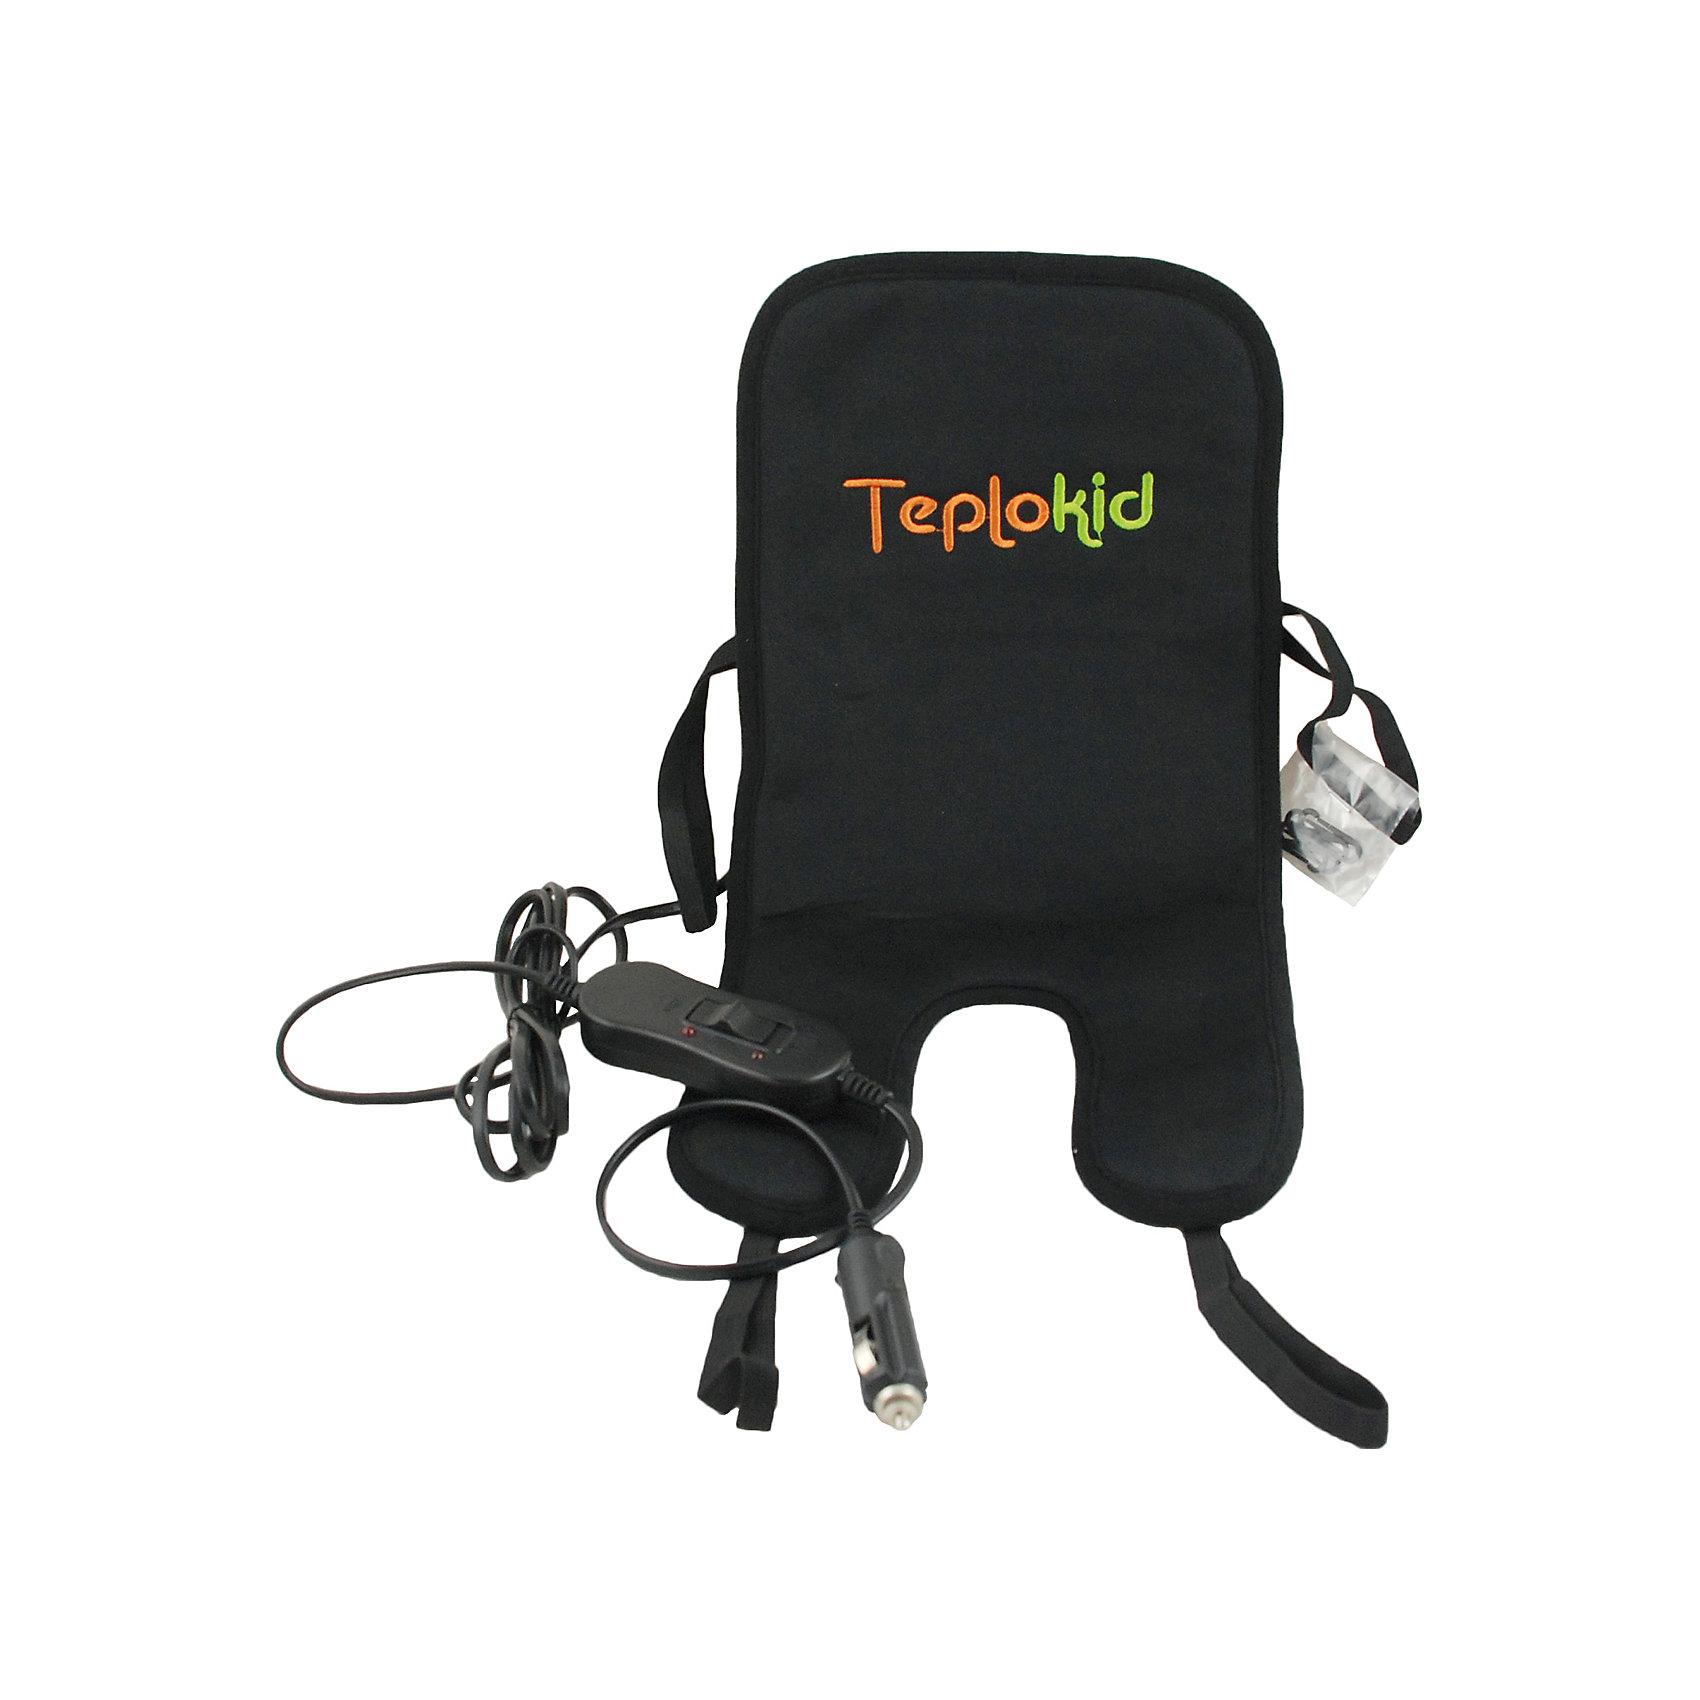 Автомобильная обогрев-подстилка 45х20, 0/0+, TeplokidАксессуары<br>Автомобиль – незаменимый спутник семьи в современном мире. Детское кресло -  обязательный атрибут любого автомобильного путешествия. Специально для него была разработана обогрев – подстилка, созданная для обеспечения тепла и комфорта ребенку для поездок в холодное время года. Подстилка позволяет установить нужную температуру самостоятельно с помощью пульта управления. Все материалы, использованные при разработке и изготовлении коврика безопасны для использования, отвечают всем требованиям экологичности и качества детских товаров, а так же гипоаллергенны.<br><br>Дополнительная информация:<br><br>материал: хлопок, полиэстер;<br>габариты: 45х20;<br>возраст:0/0+.<br><br>Автомобильную обогрев-подстилку Teplokid можно приобрести в нашем магазине.<br><br>Ширина мм: 440<br>Глубина мм: 220<br>Высота мм: 30<br>Вес г: 230<br>Возраст от месяцев: 0<br>Возраст до месяцев: 12<br>Пол: Унисекс<br>Возраст: Детский<br>SKU: 4968140